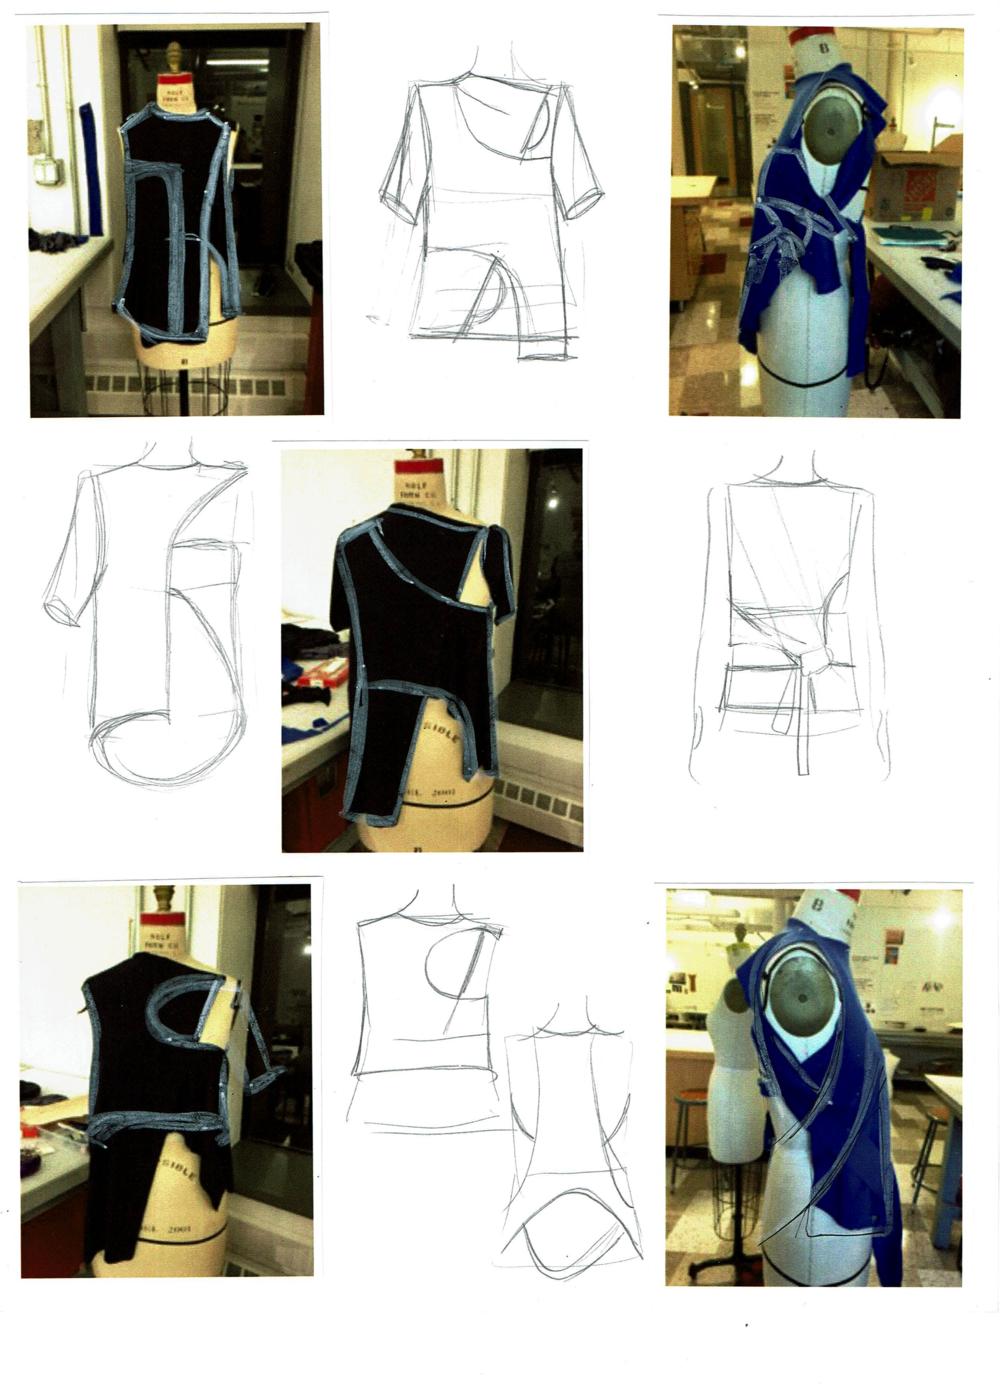 drapes6.png